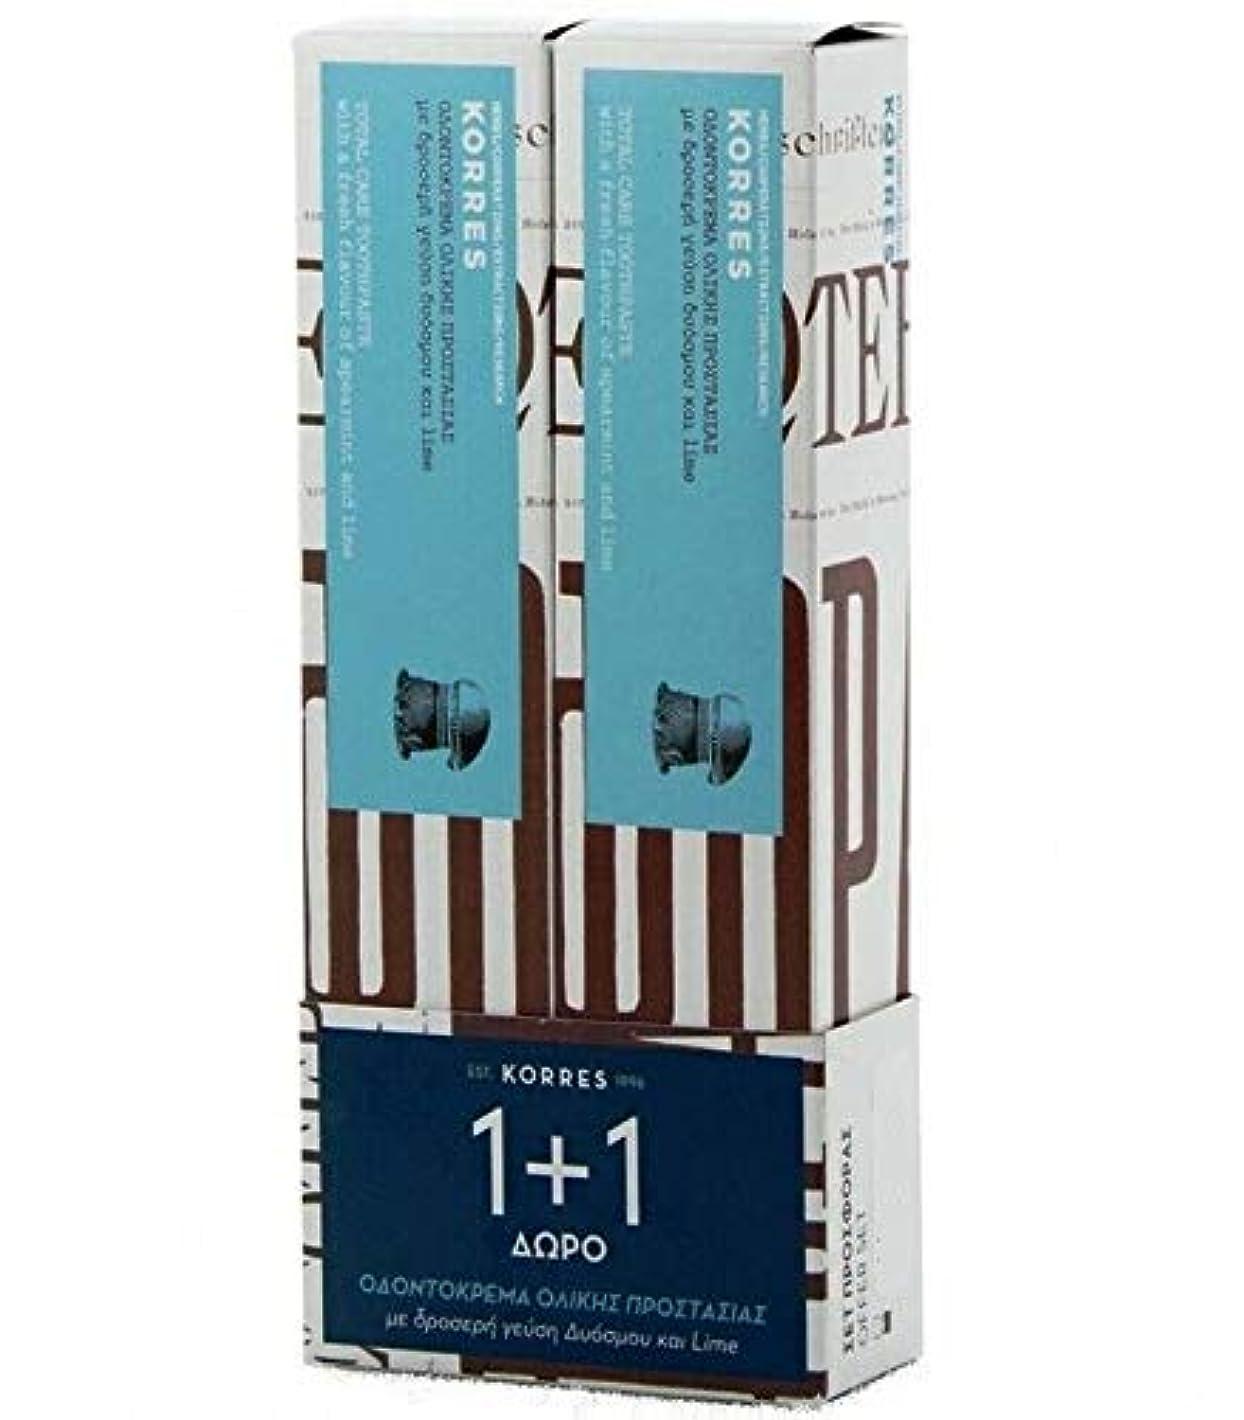 答え安心させる出席Korres トータルケア歯磨き粉 フレッシュフレーバーオブスペアミント&ライム 1+1 提供